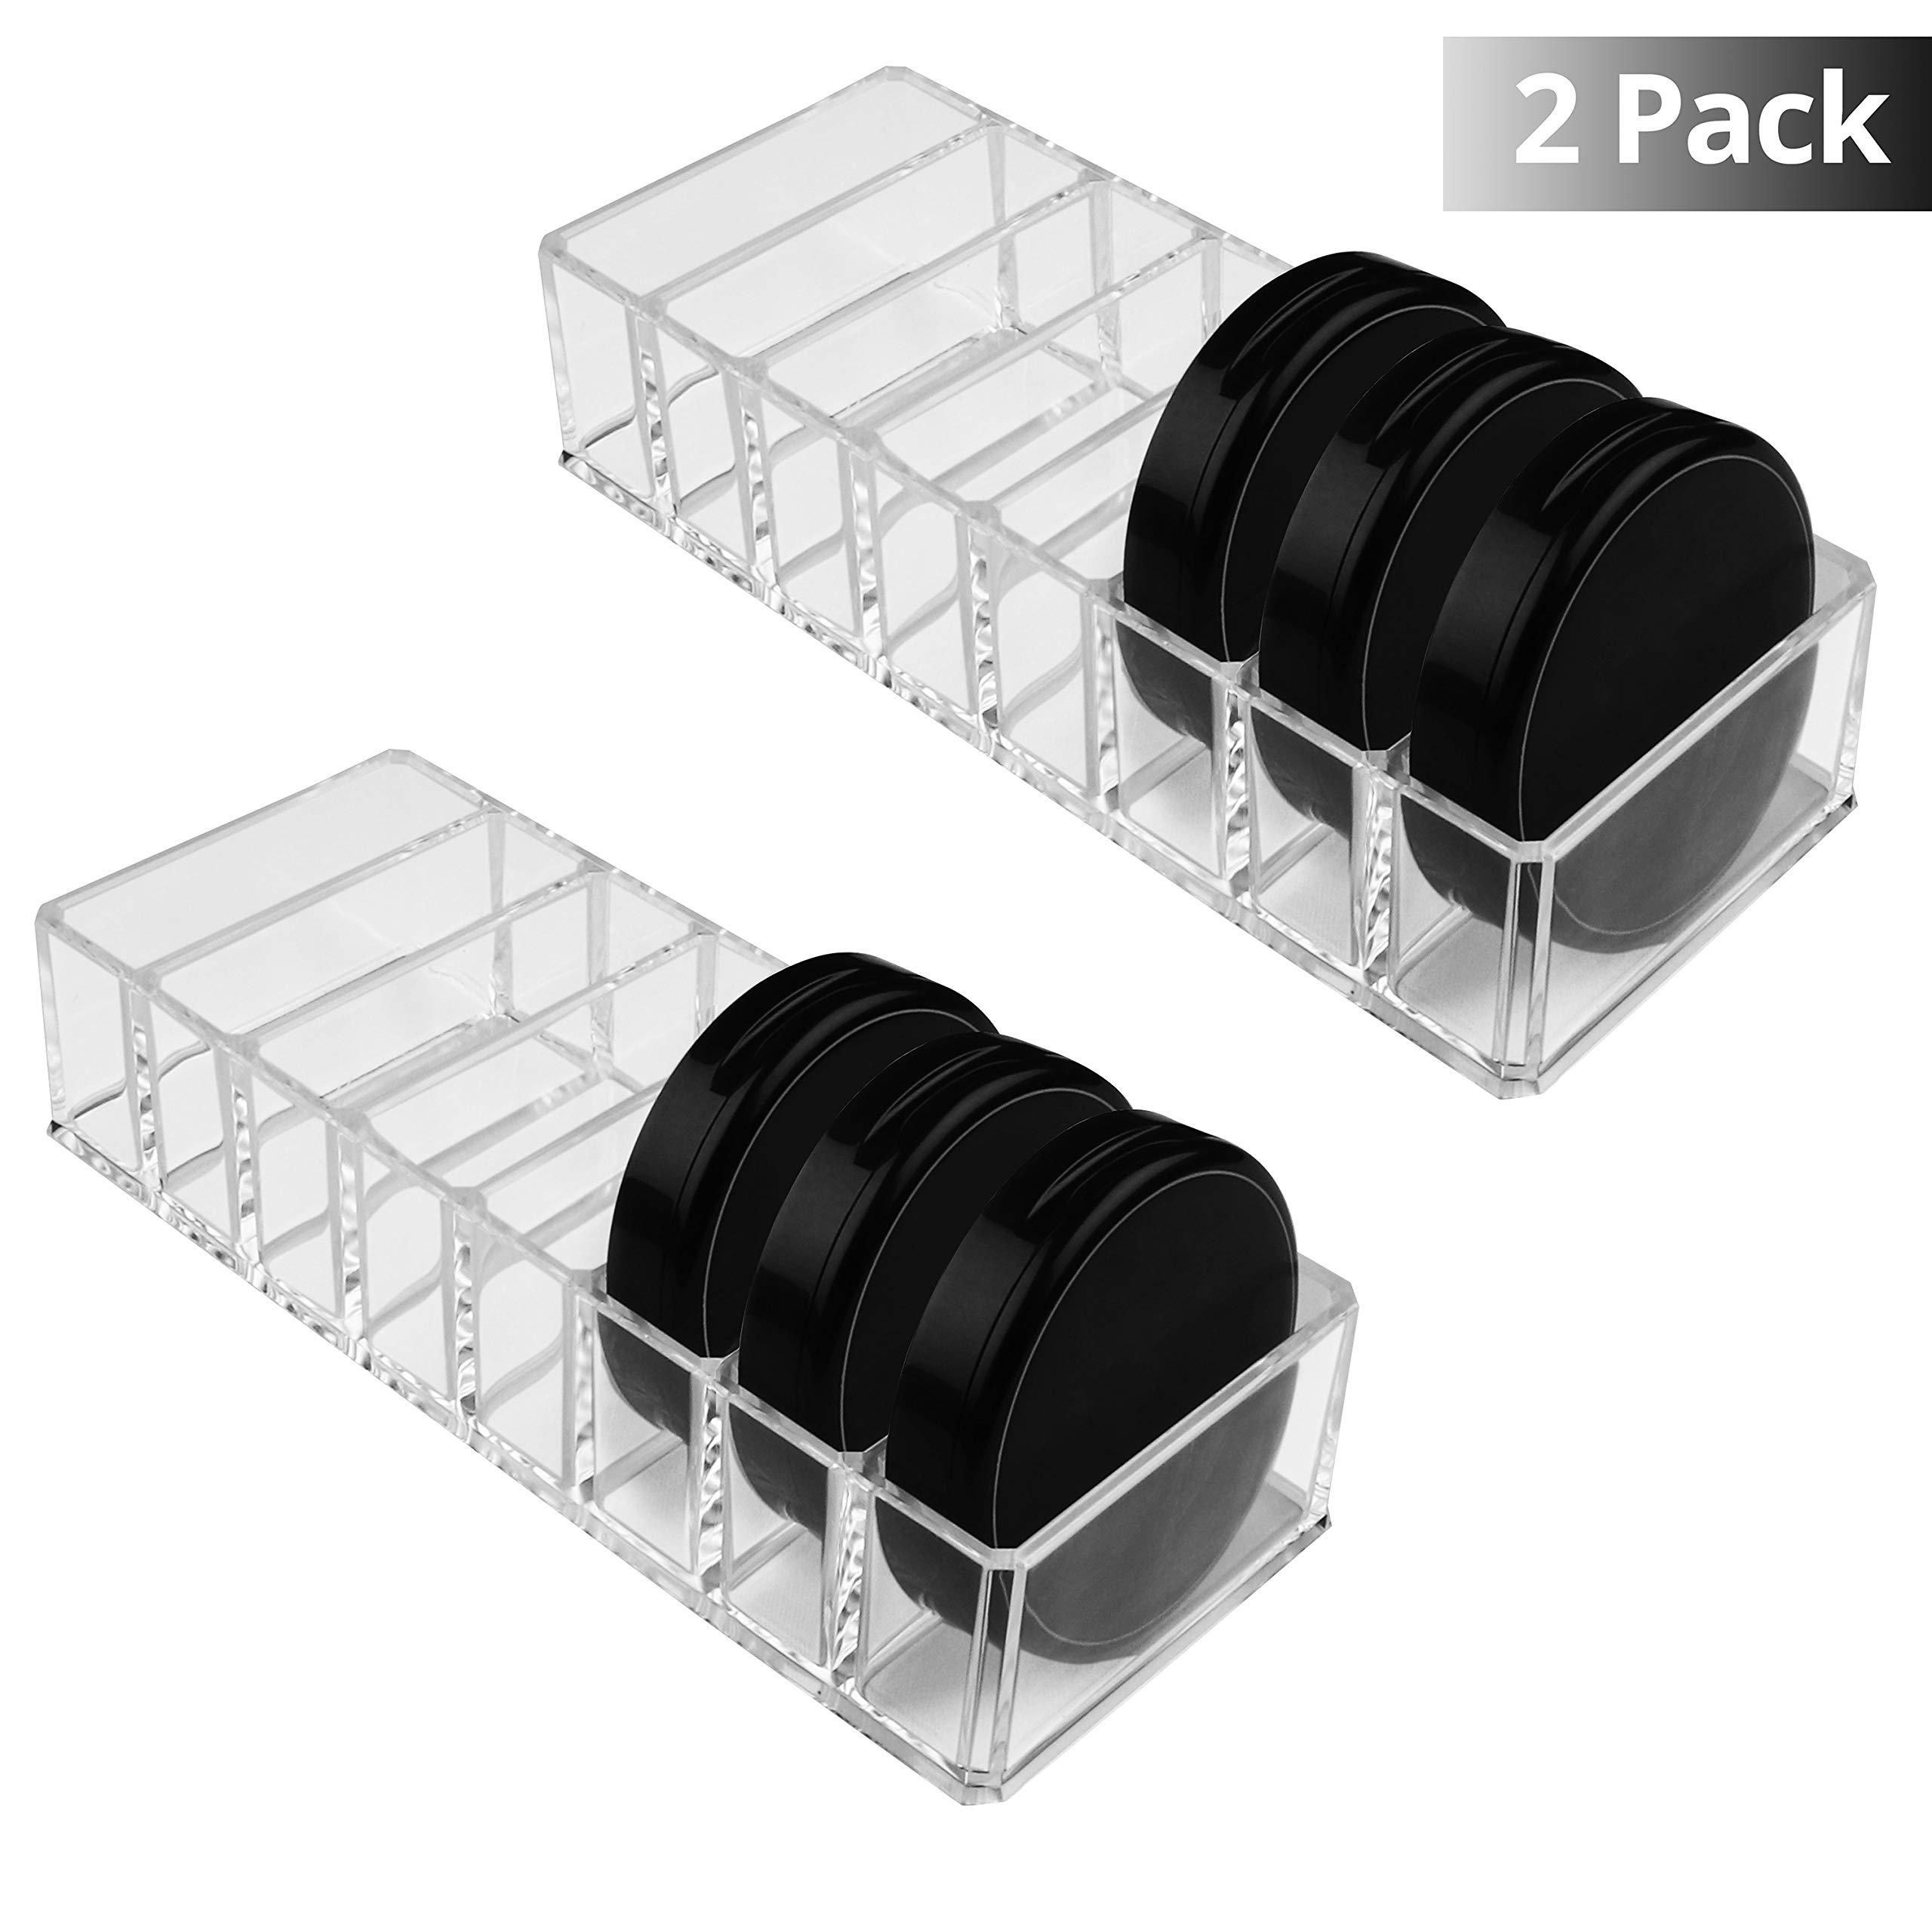 Organizador Cosméticos Acrílico Transparente - Pack de 2 Maquillaje Organizador (21,5 x 8,3cm) y 8 Sección Cada (7,5 x 2,5 cm) para Sombra de Ojos, Compactos, Colorete, Bronceador - Habitación, Salón: Amazon.es: Hogar